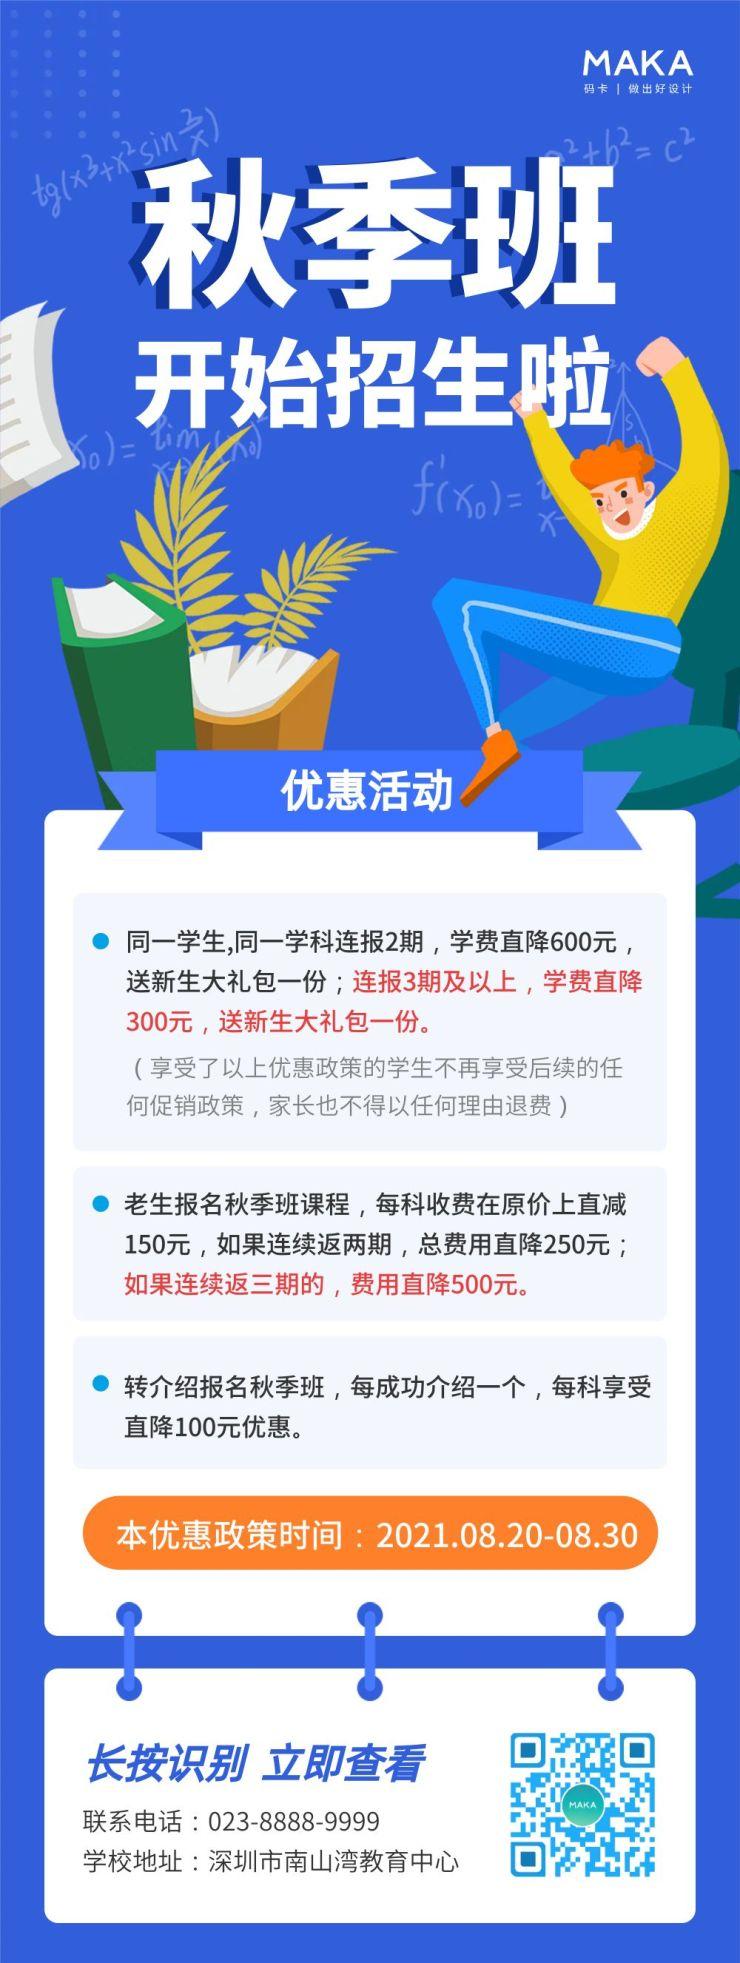 蓝色简约风格秋季班招生宣传长图